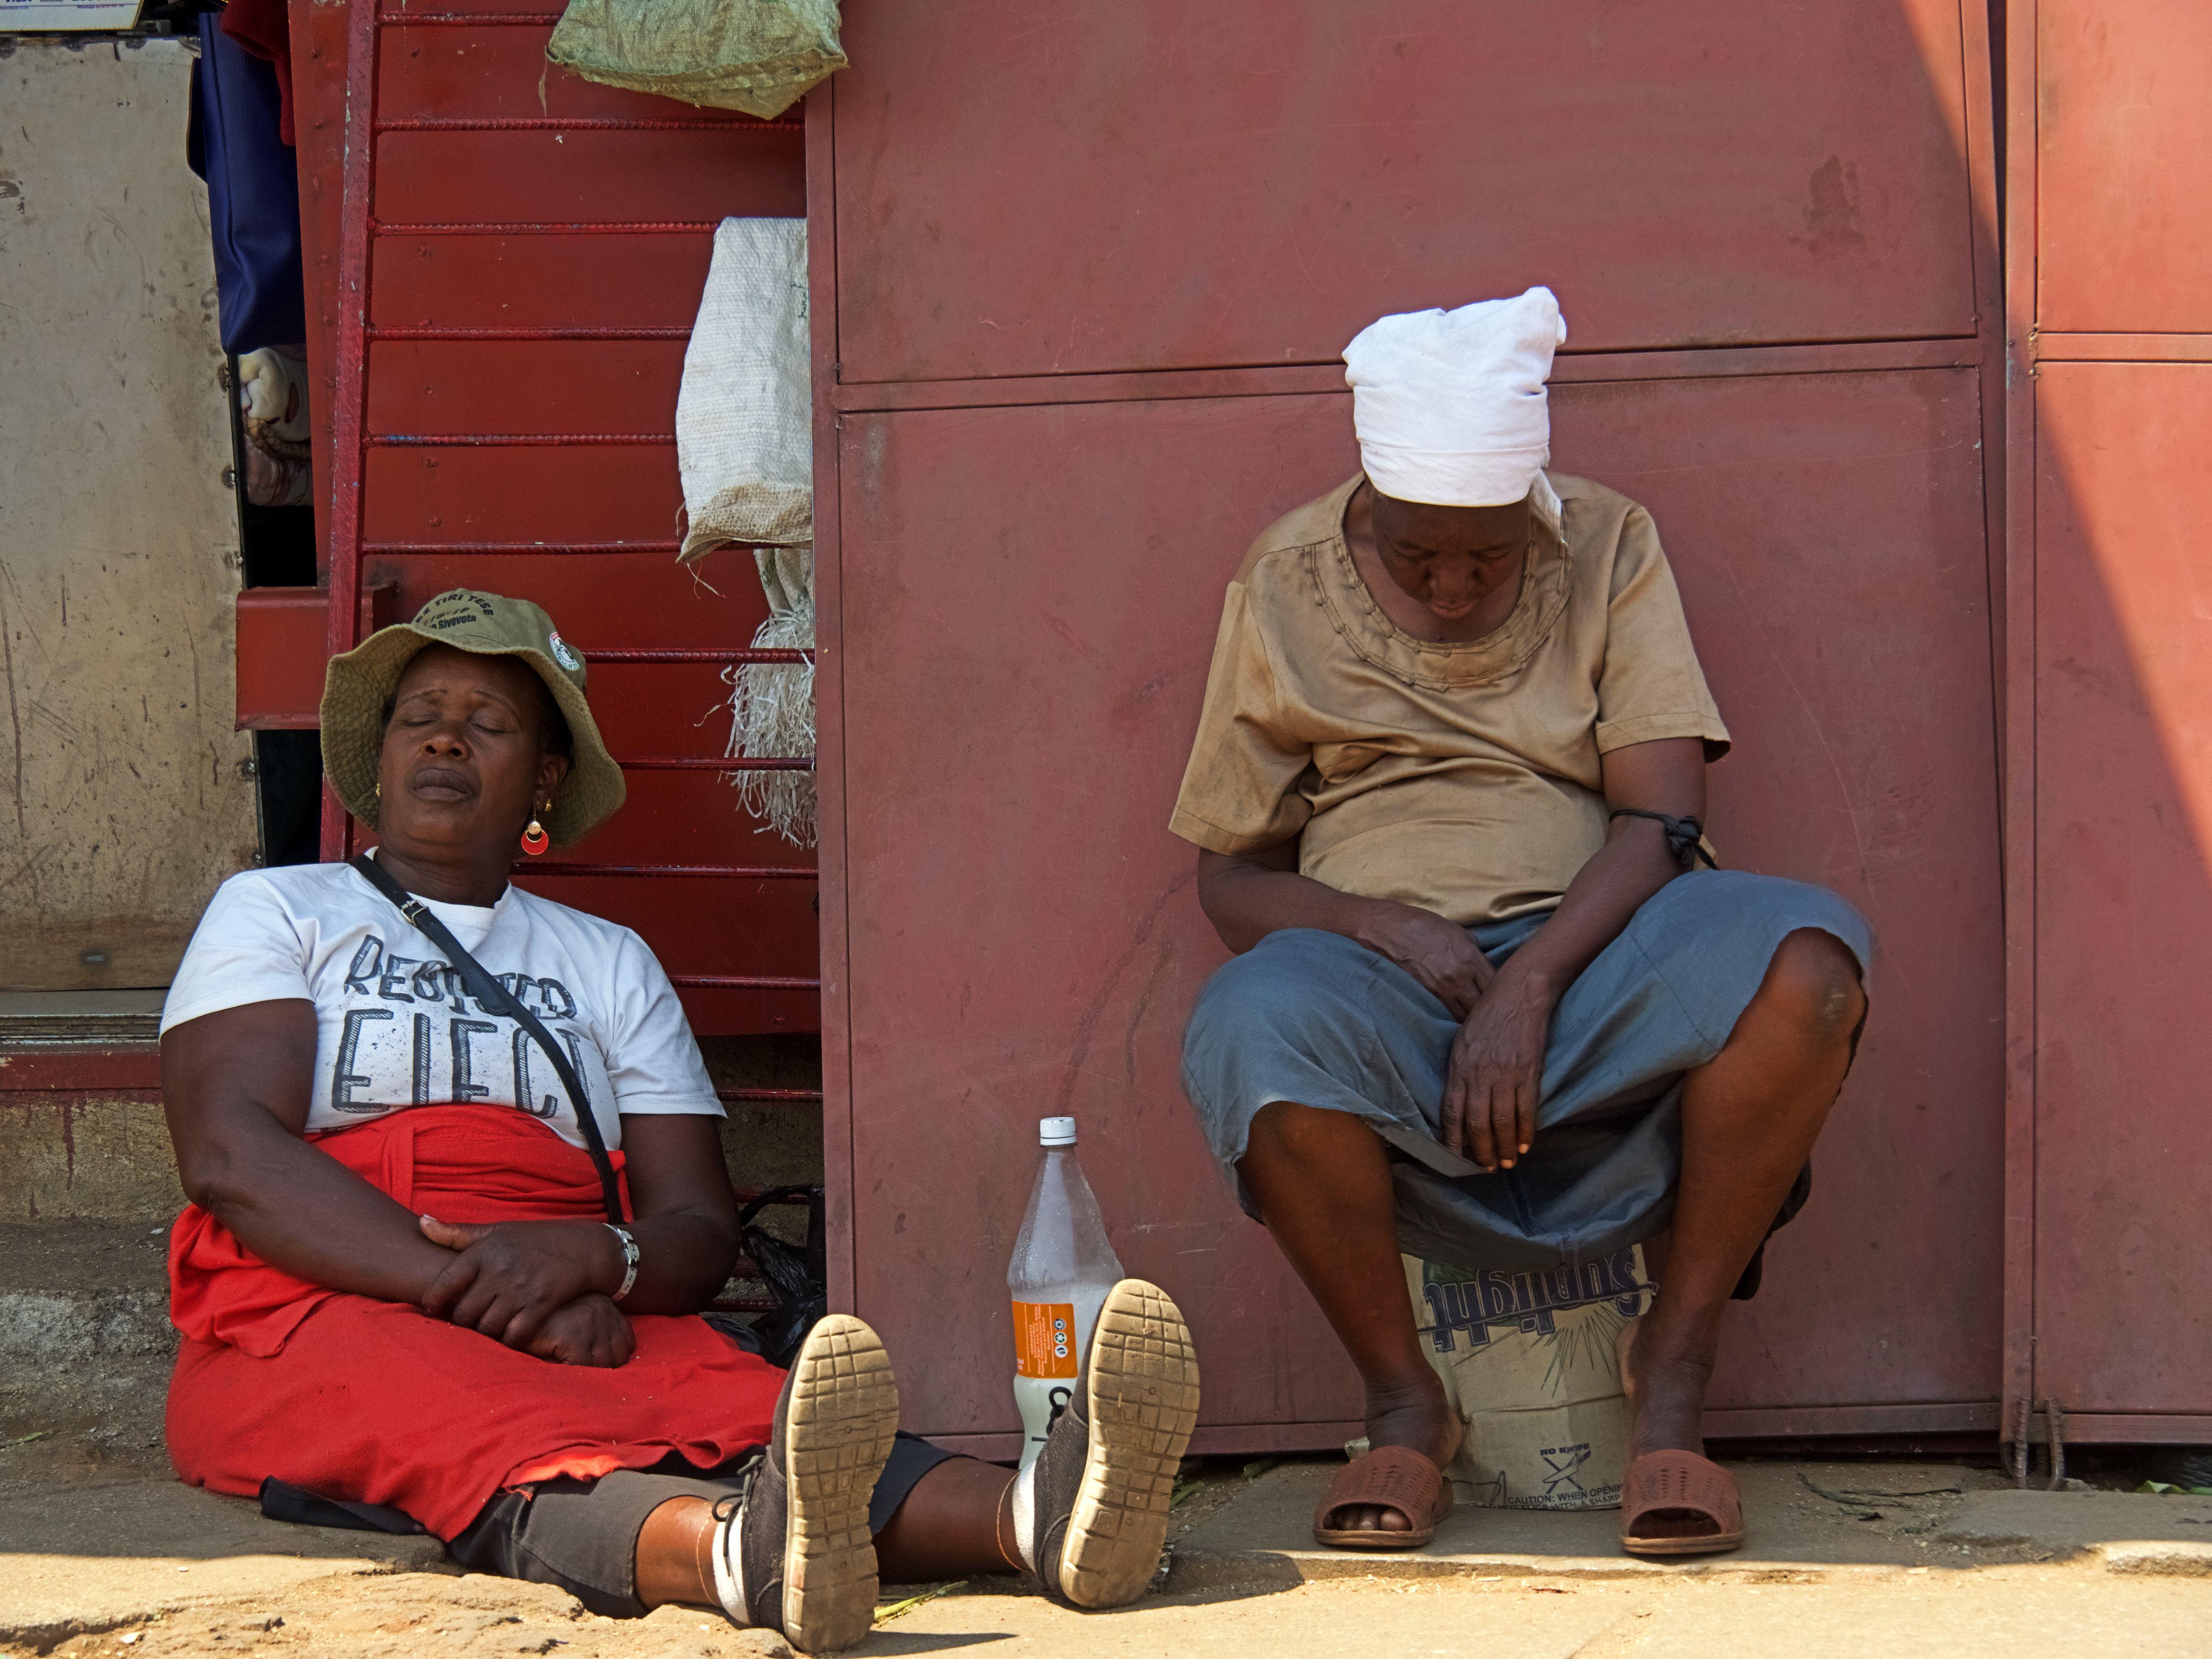 Dos mujeres durmiendo tranquilas en Harare